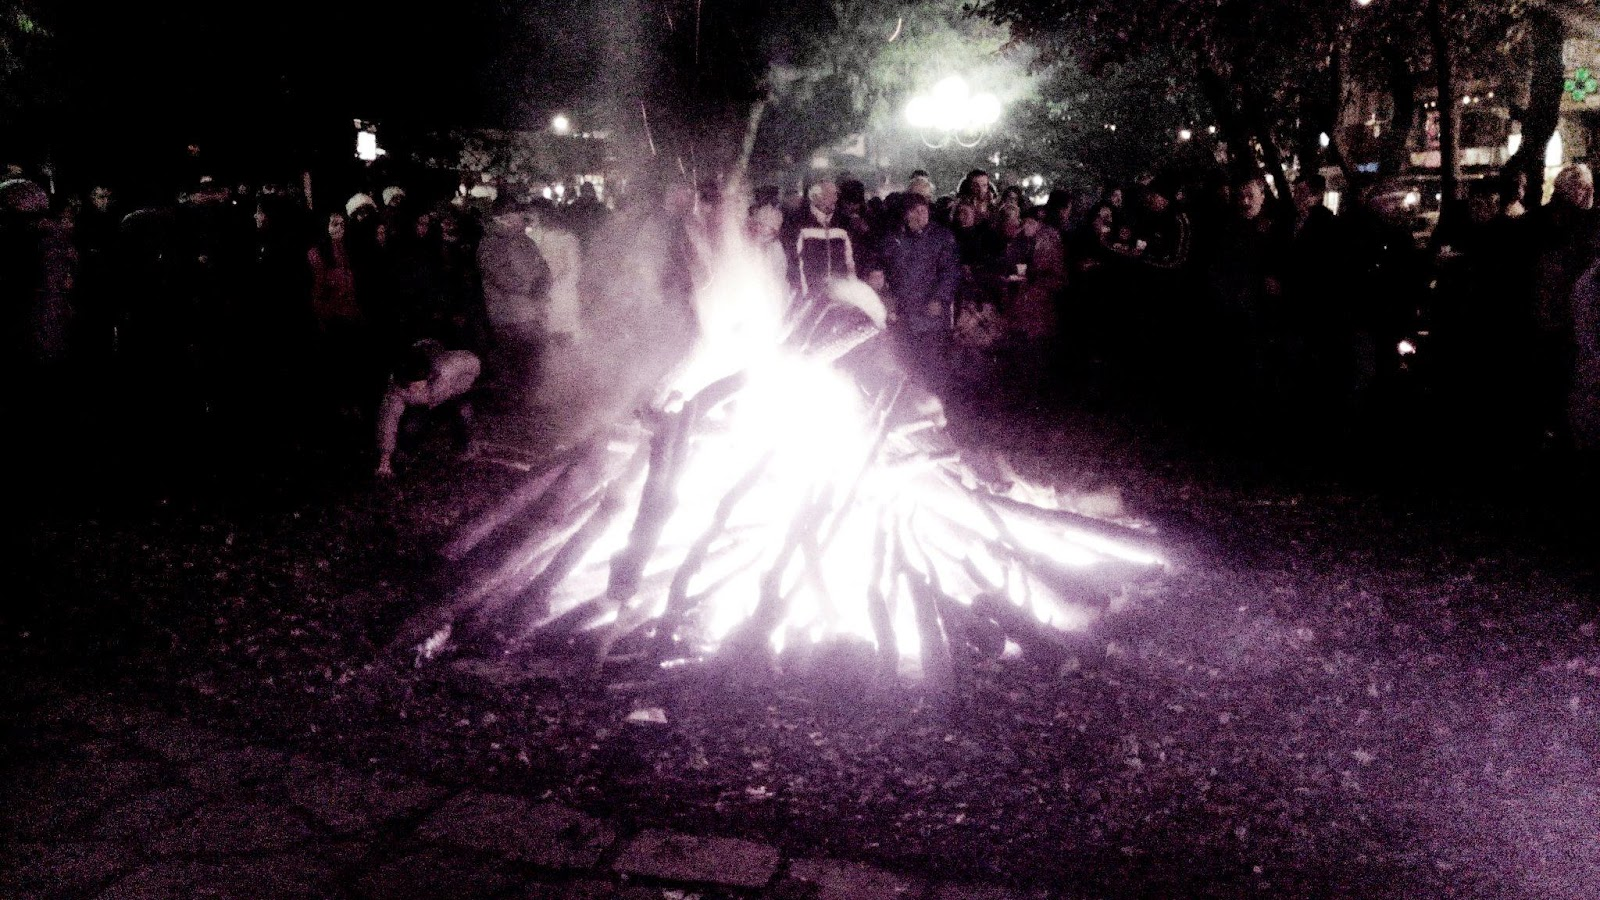 Παραμονές Πρωτοχρονιάς έβαλαν σκοπιανά τραγούδια στο κέντρο της Έδεσσας